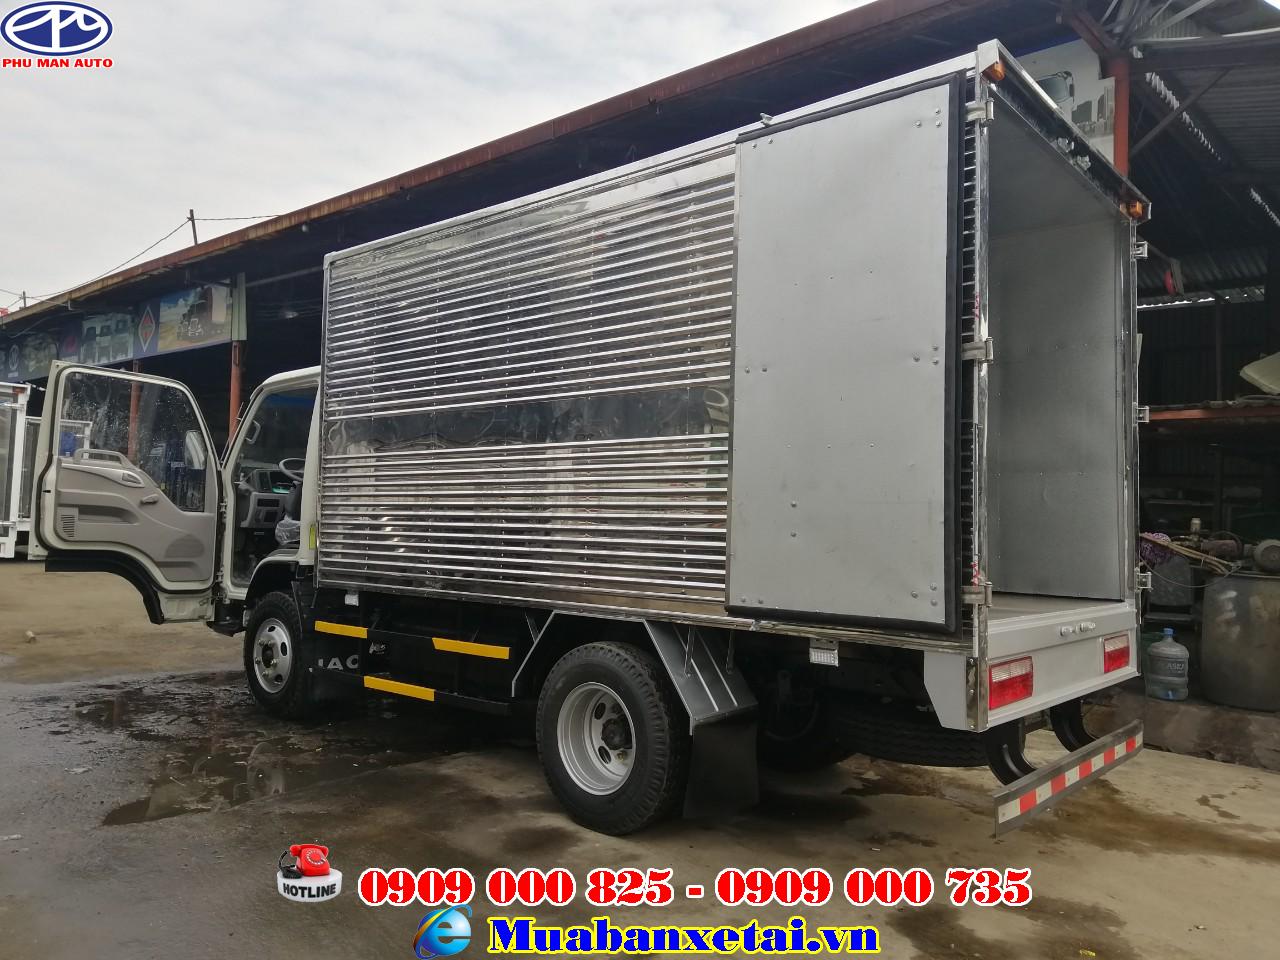 Xe được trang bị bình chứa nhiên liệu lớn với dung tích chứa lên đến 80 lít.